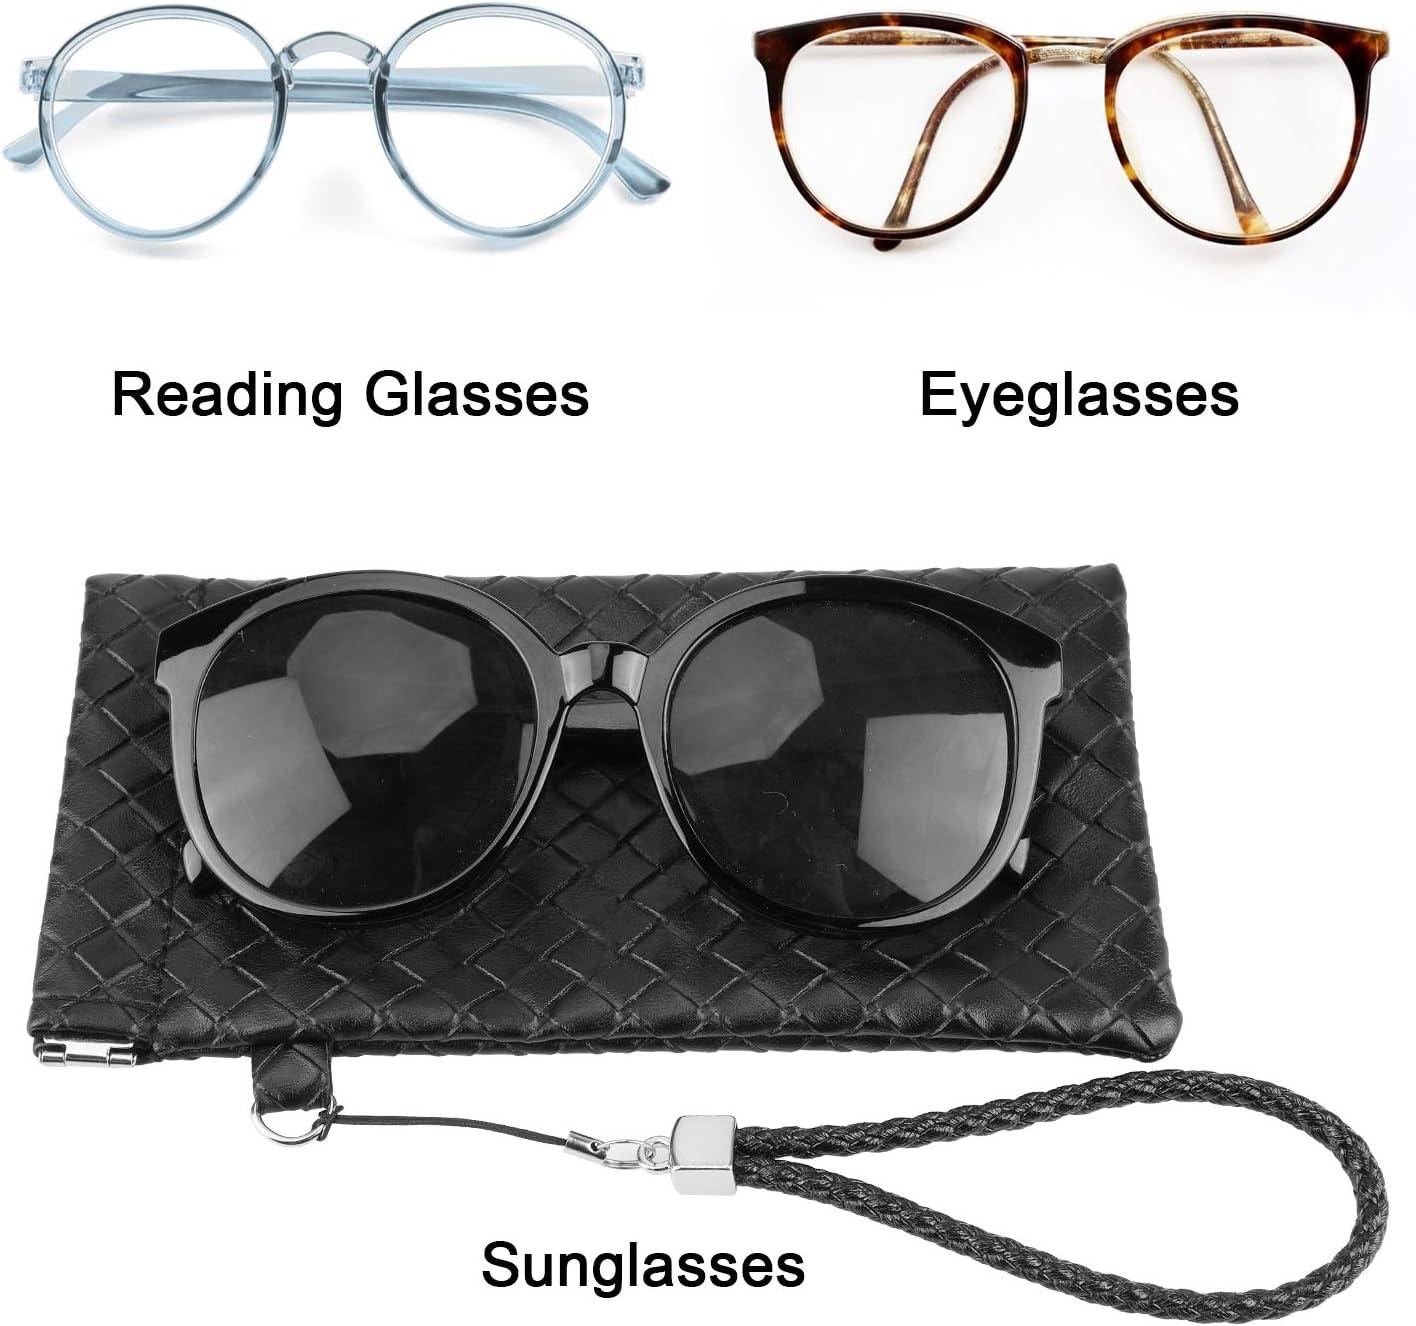 Kunstleder Brillenbeutel Brillentasche f/ür Herren Damen HIFOT brillenetui 2 St/ücke PU Leder soft Sonnenbrille Beutel Lesebrillen Tasche